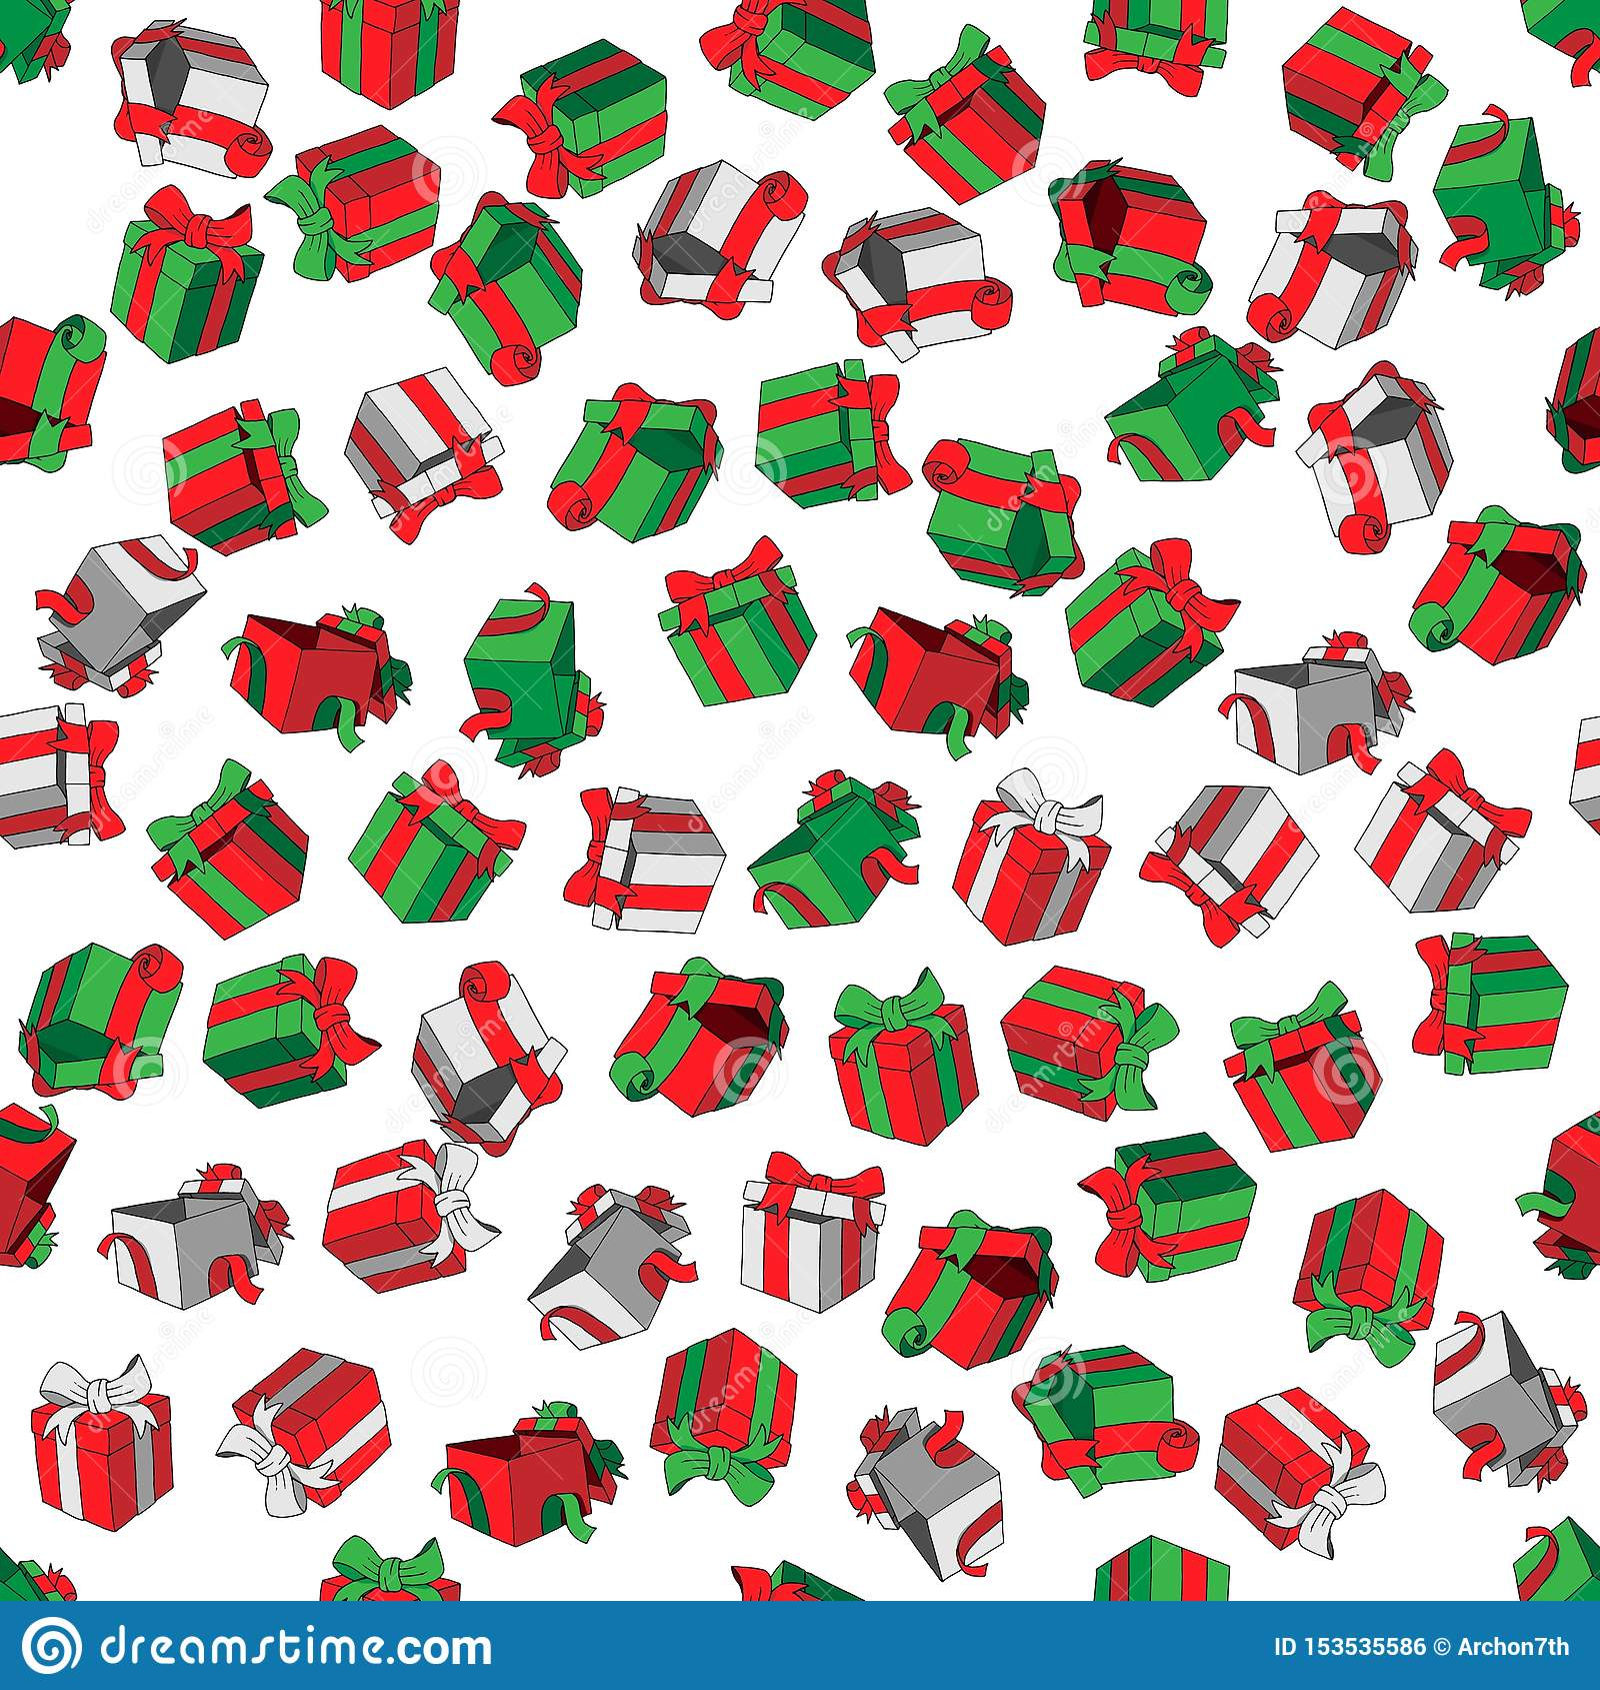 Διανυσματικά άνευ ραφής χρωματισμένα σχέδιο κιβώτια δώρων κινούμενων σχεδίων doodles στο άσπρο υπόβαθρο